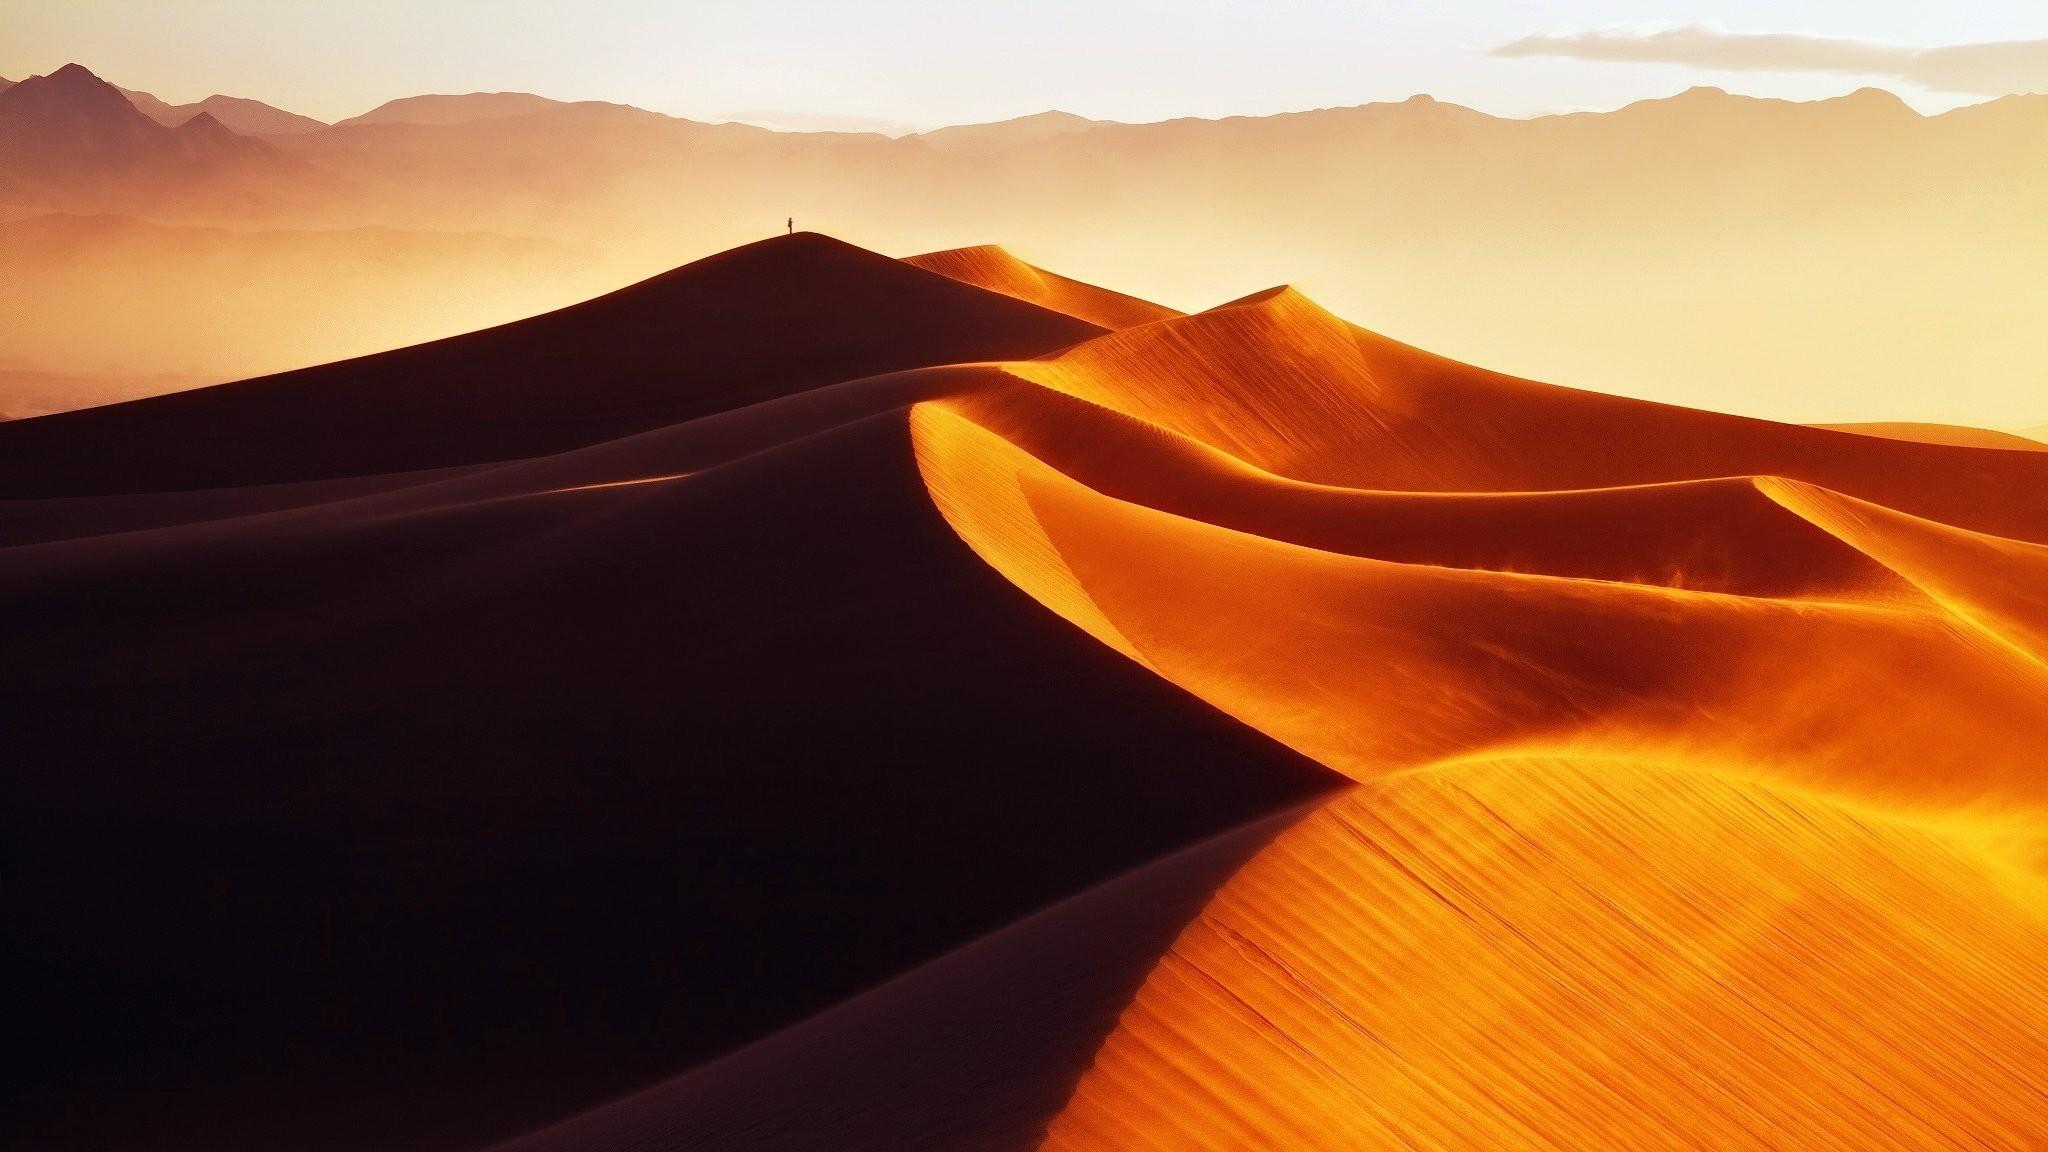 2048x1152 Desert Morning Golden Sand Dune Dunes Man Light